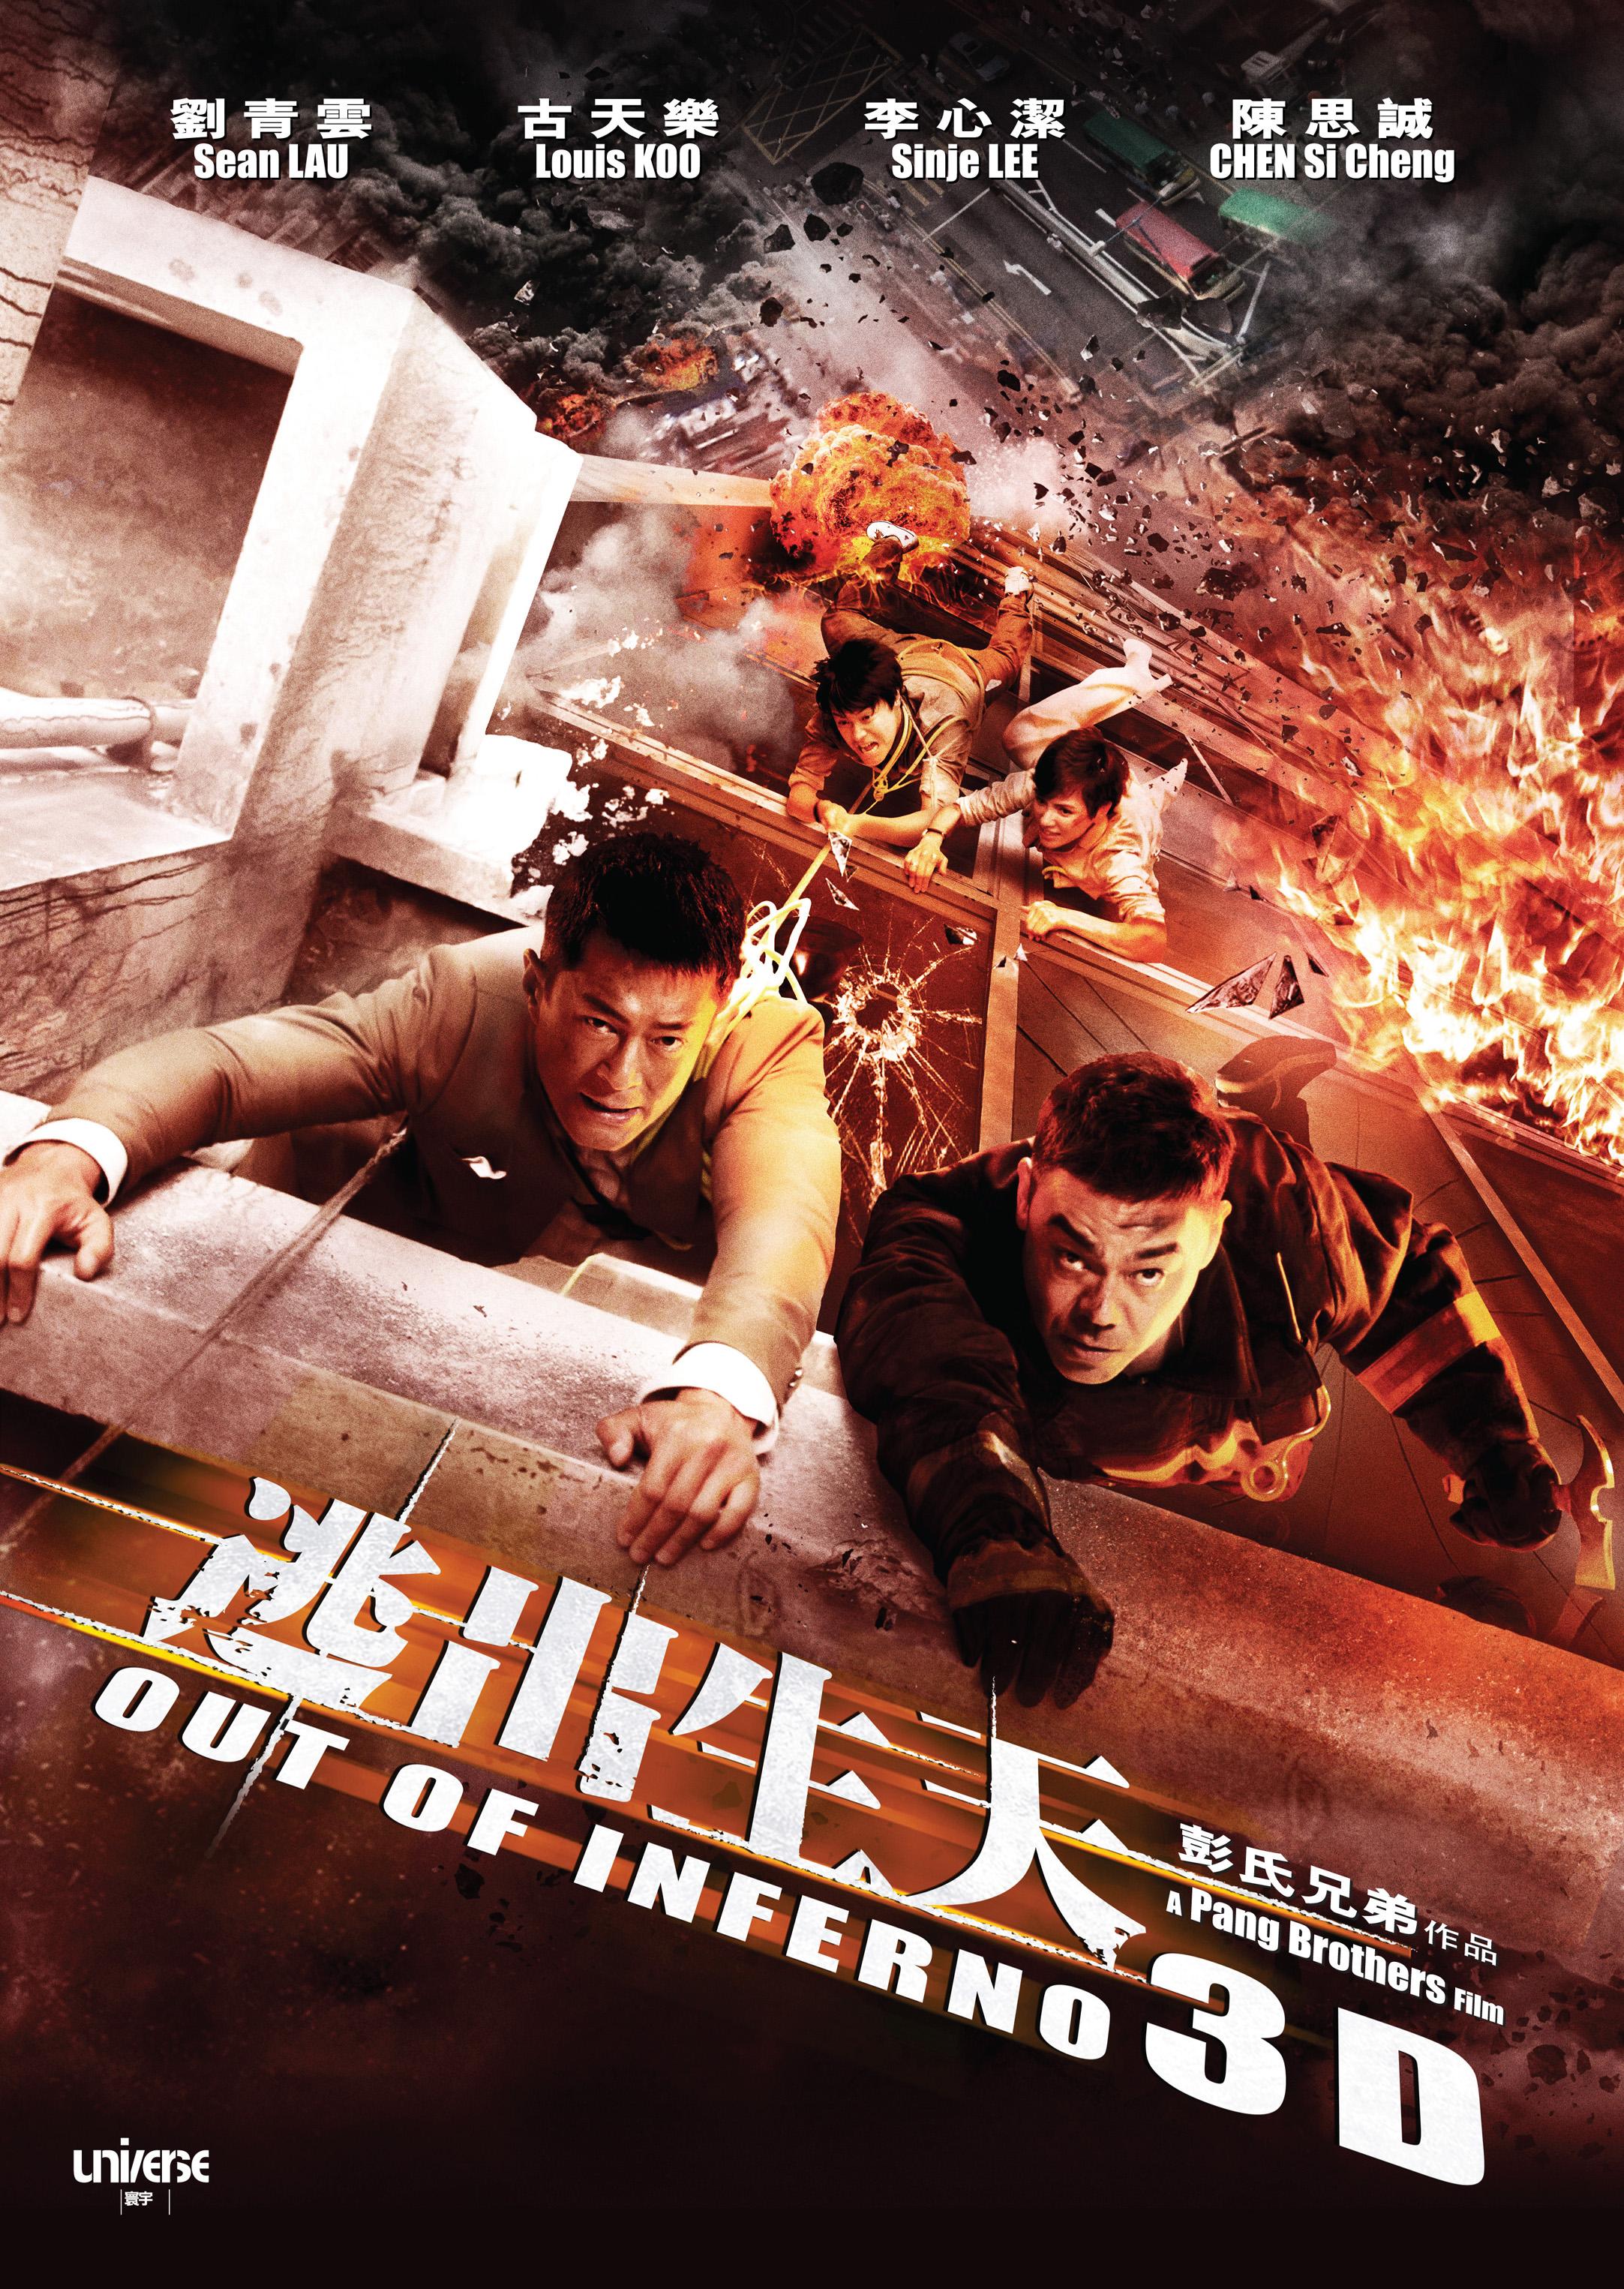 Tao chu sheng tian (2013)